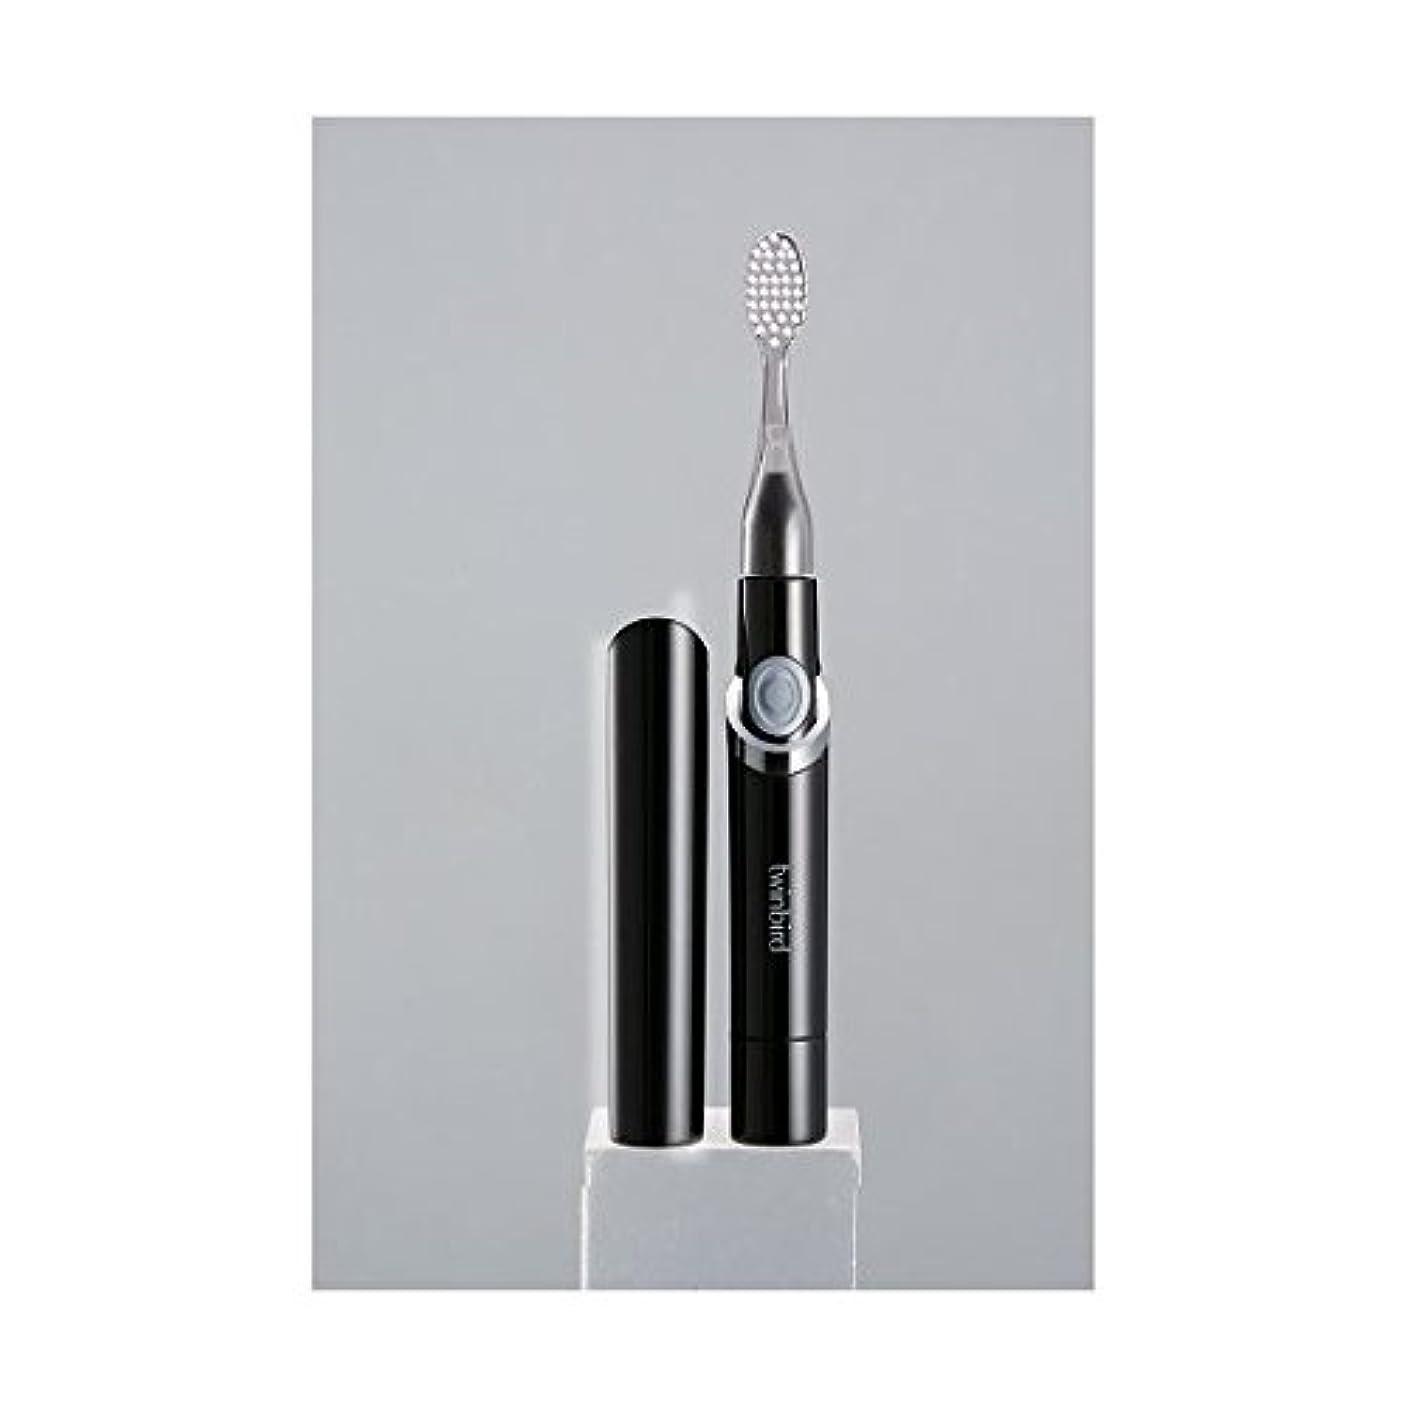 旅行差し迫ったオン(まとめ)ツインバード 音波振動式歯ブラシ ブラック BD-2741B【×2セット】 ダイエット 健康 オーラルケア 歯ブラシ [並行輸入品]